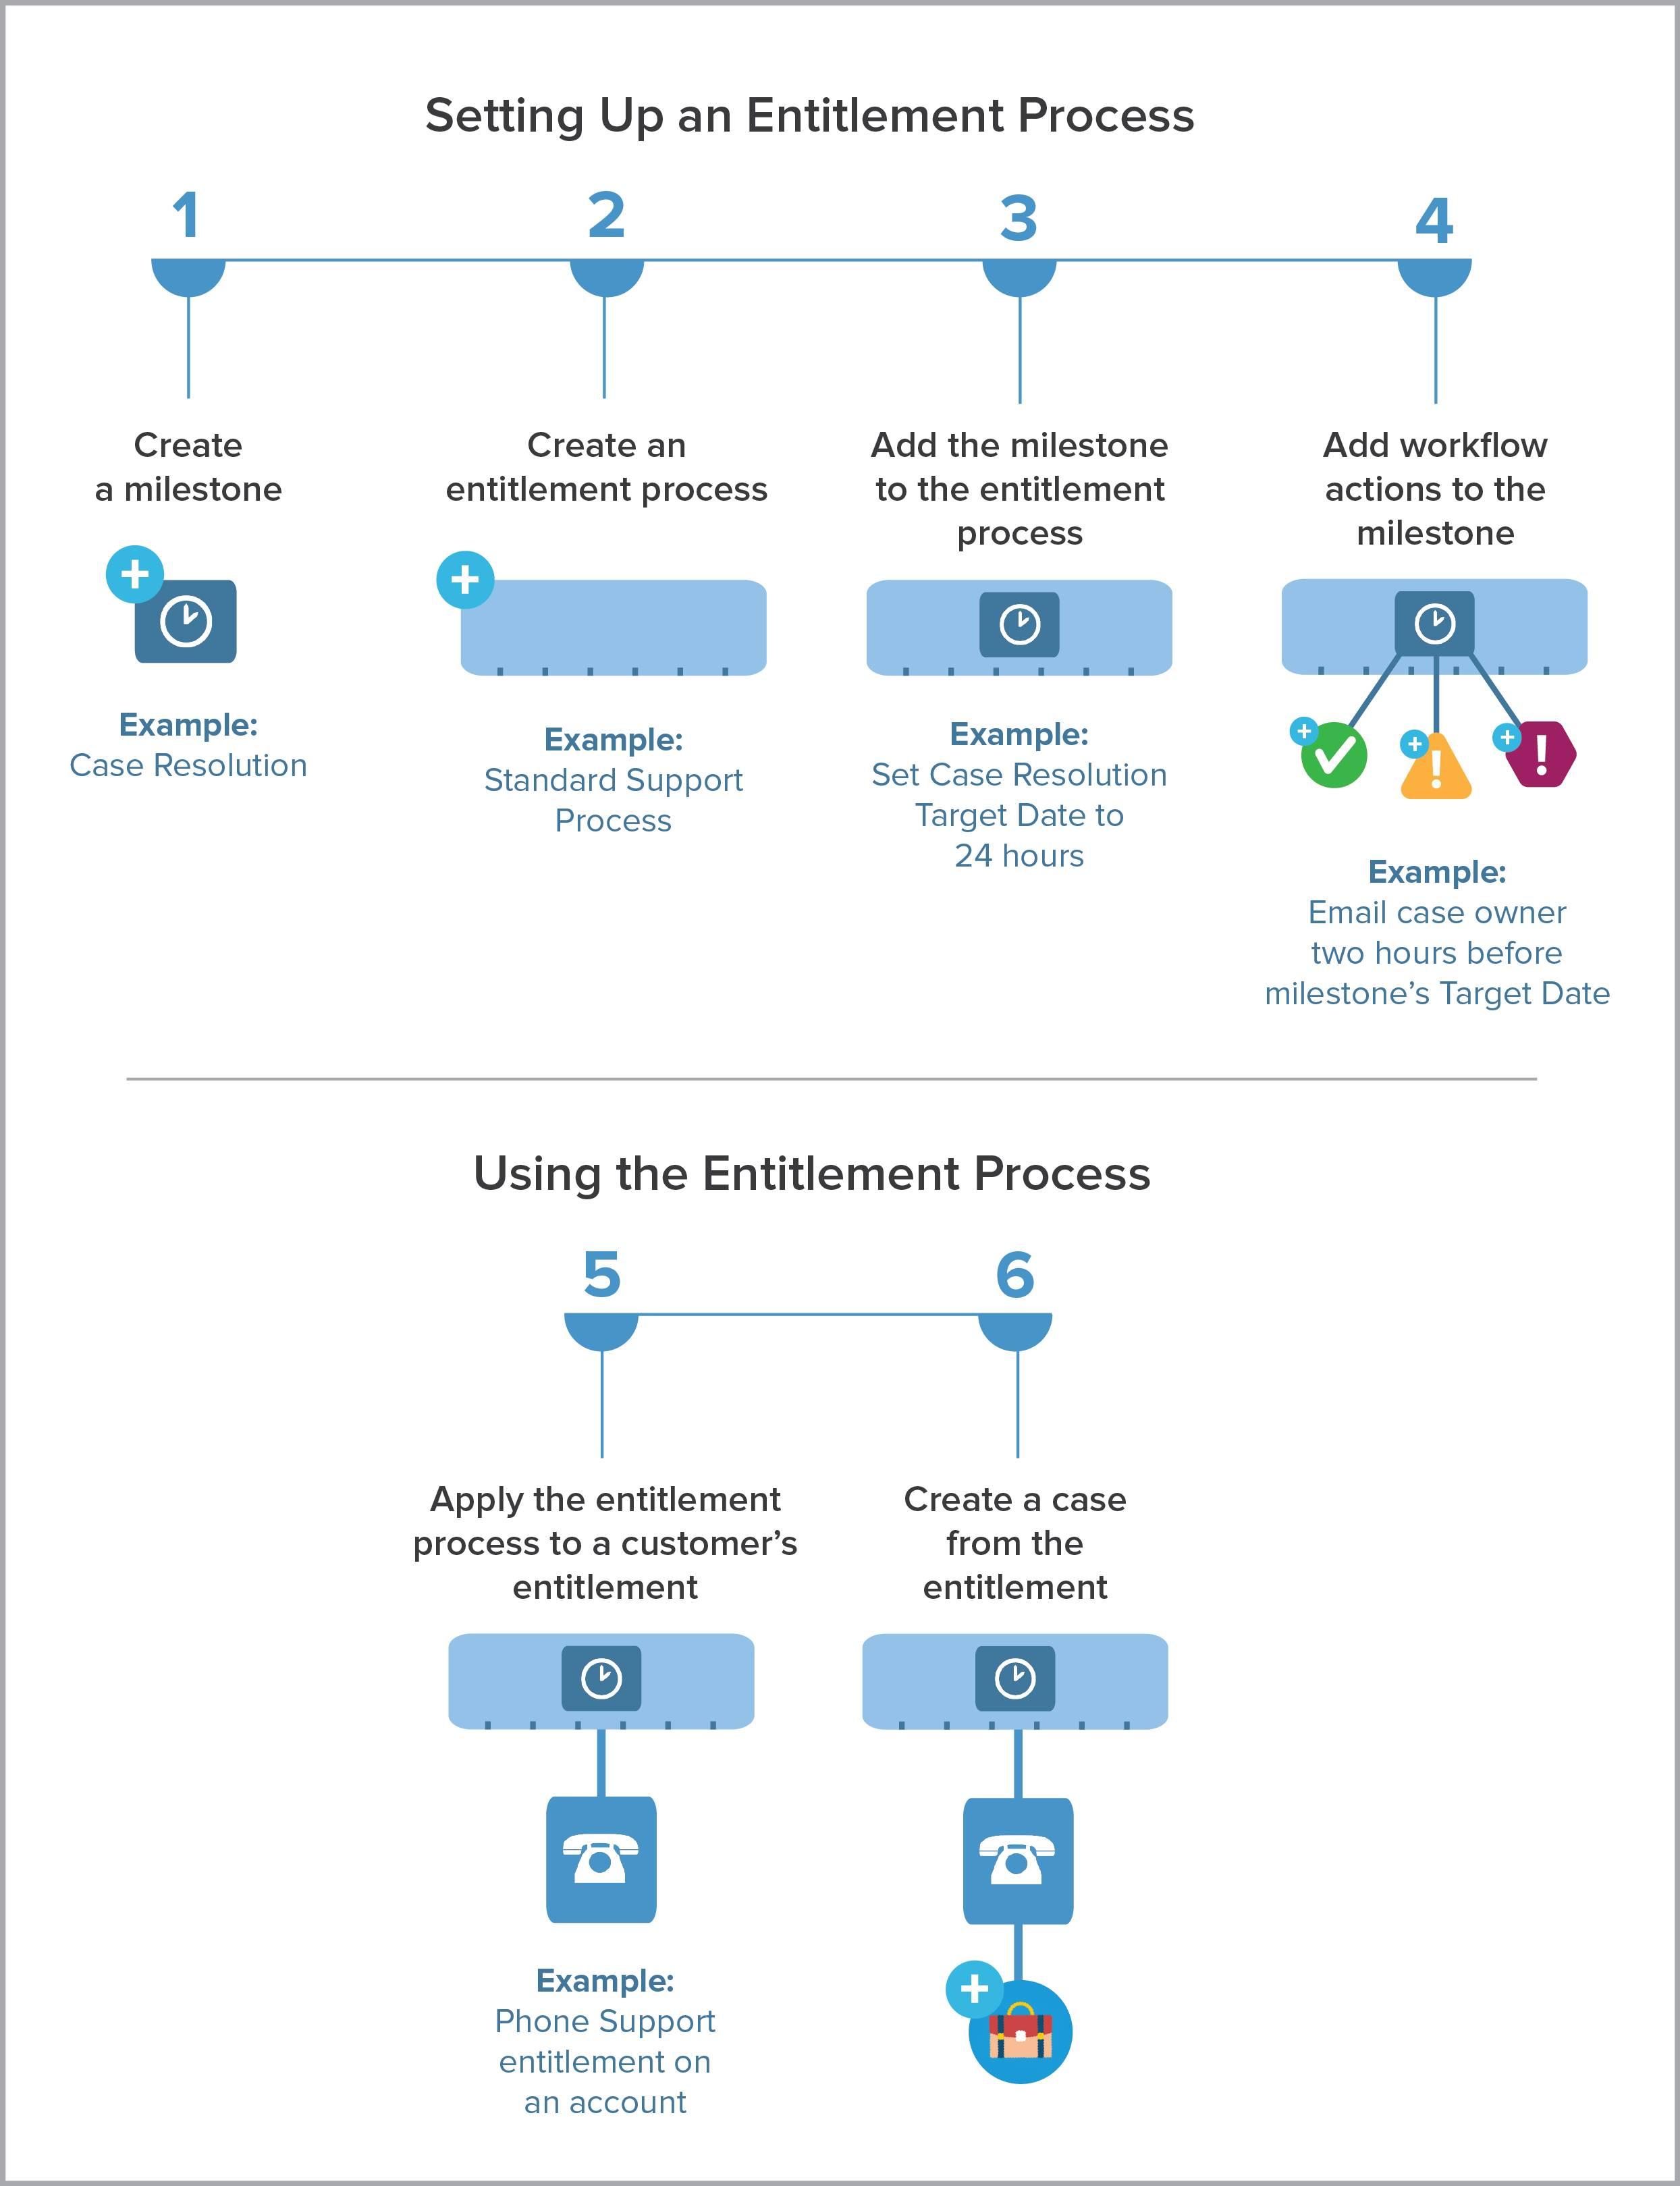 エンタイトルメントプロセスの設定